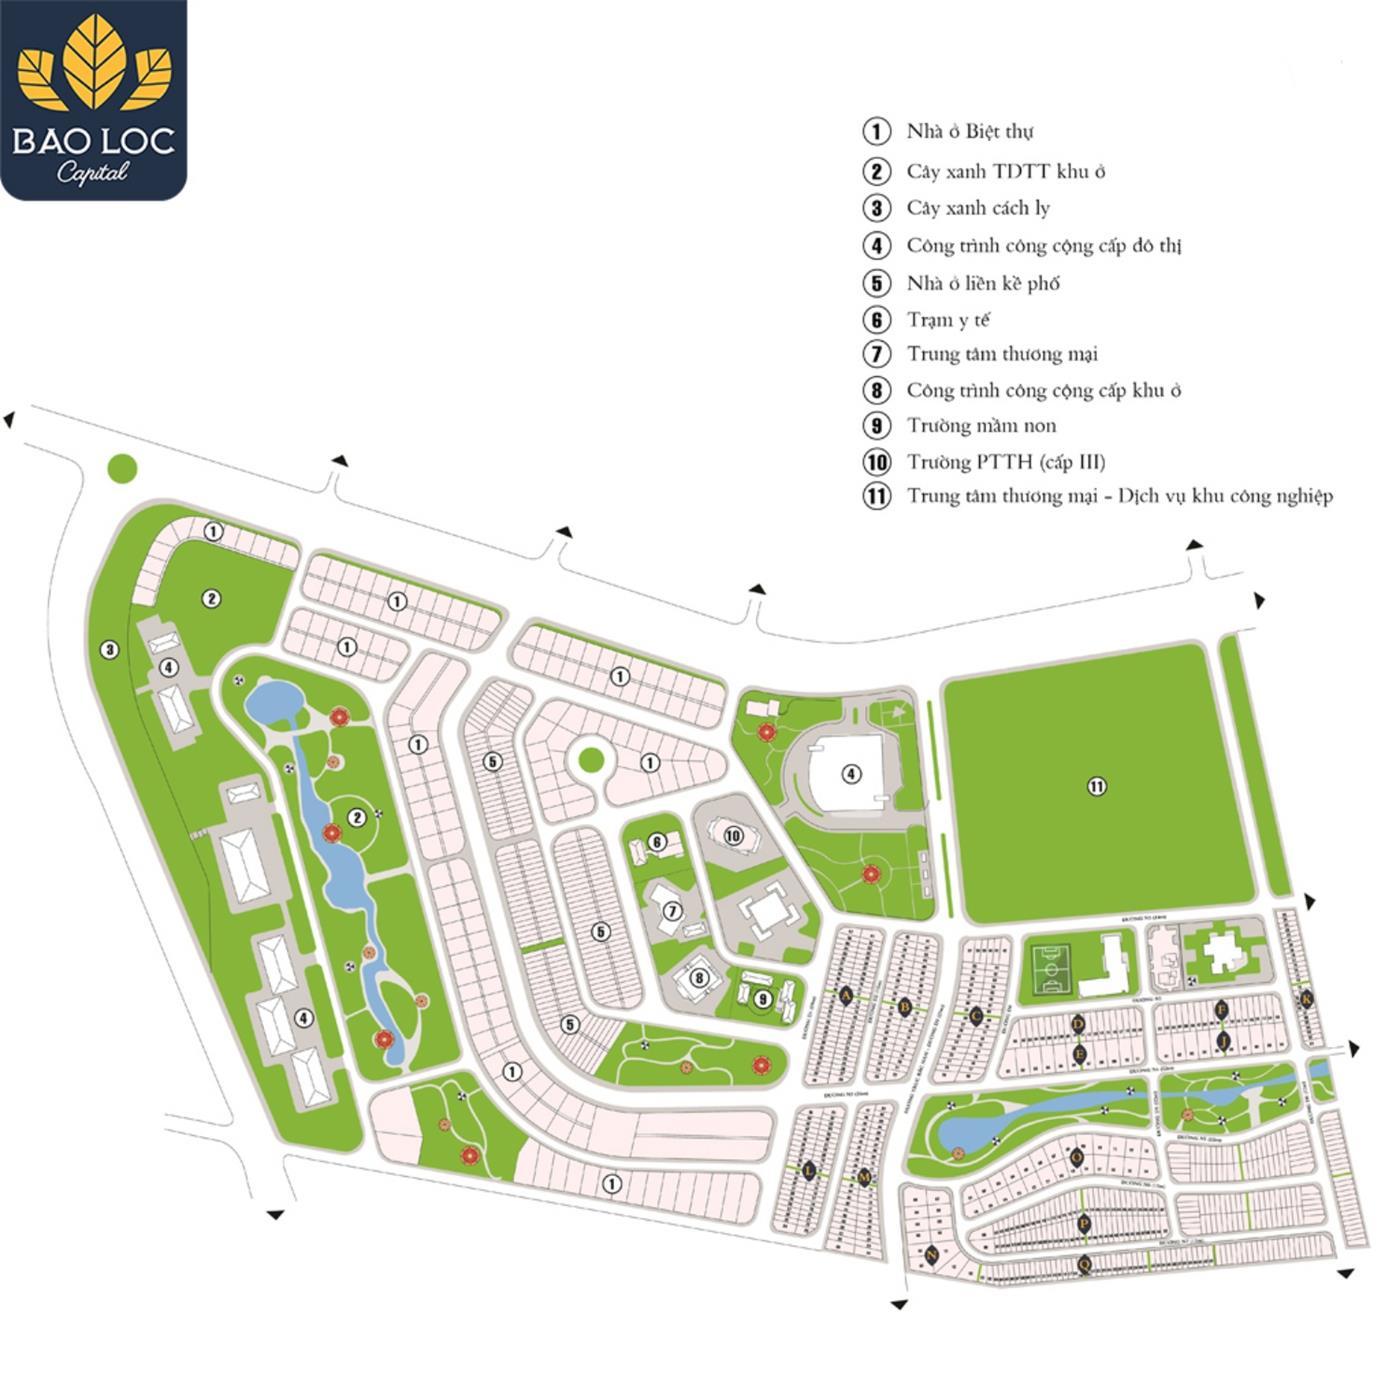 Các phân khu chức năng của Bảo Lộc Capital